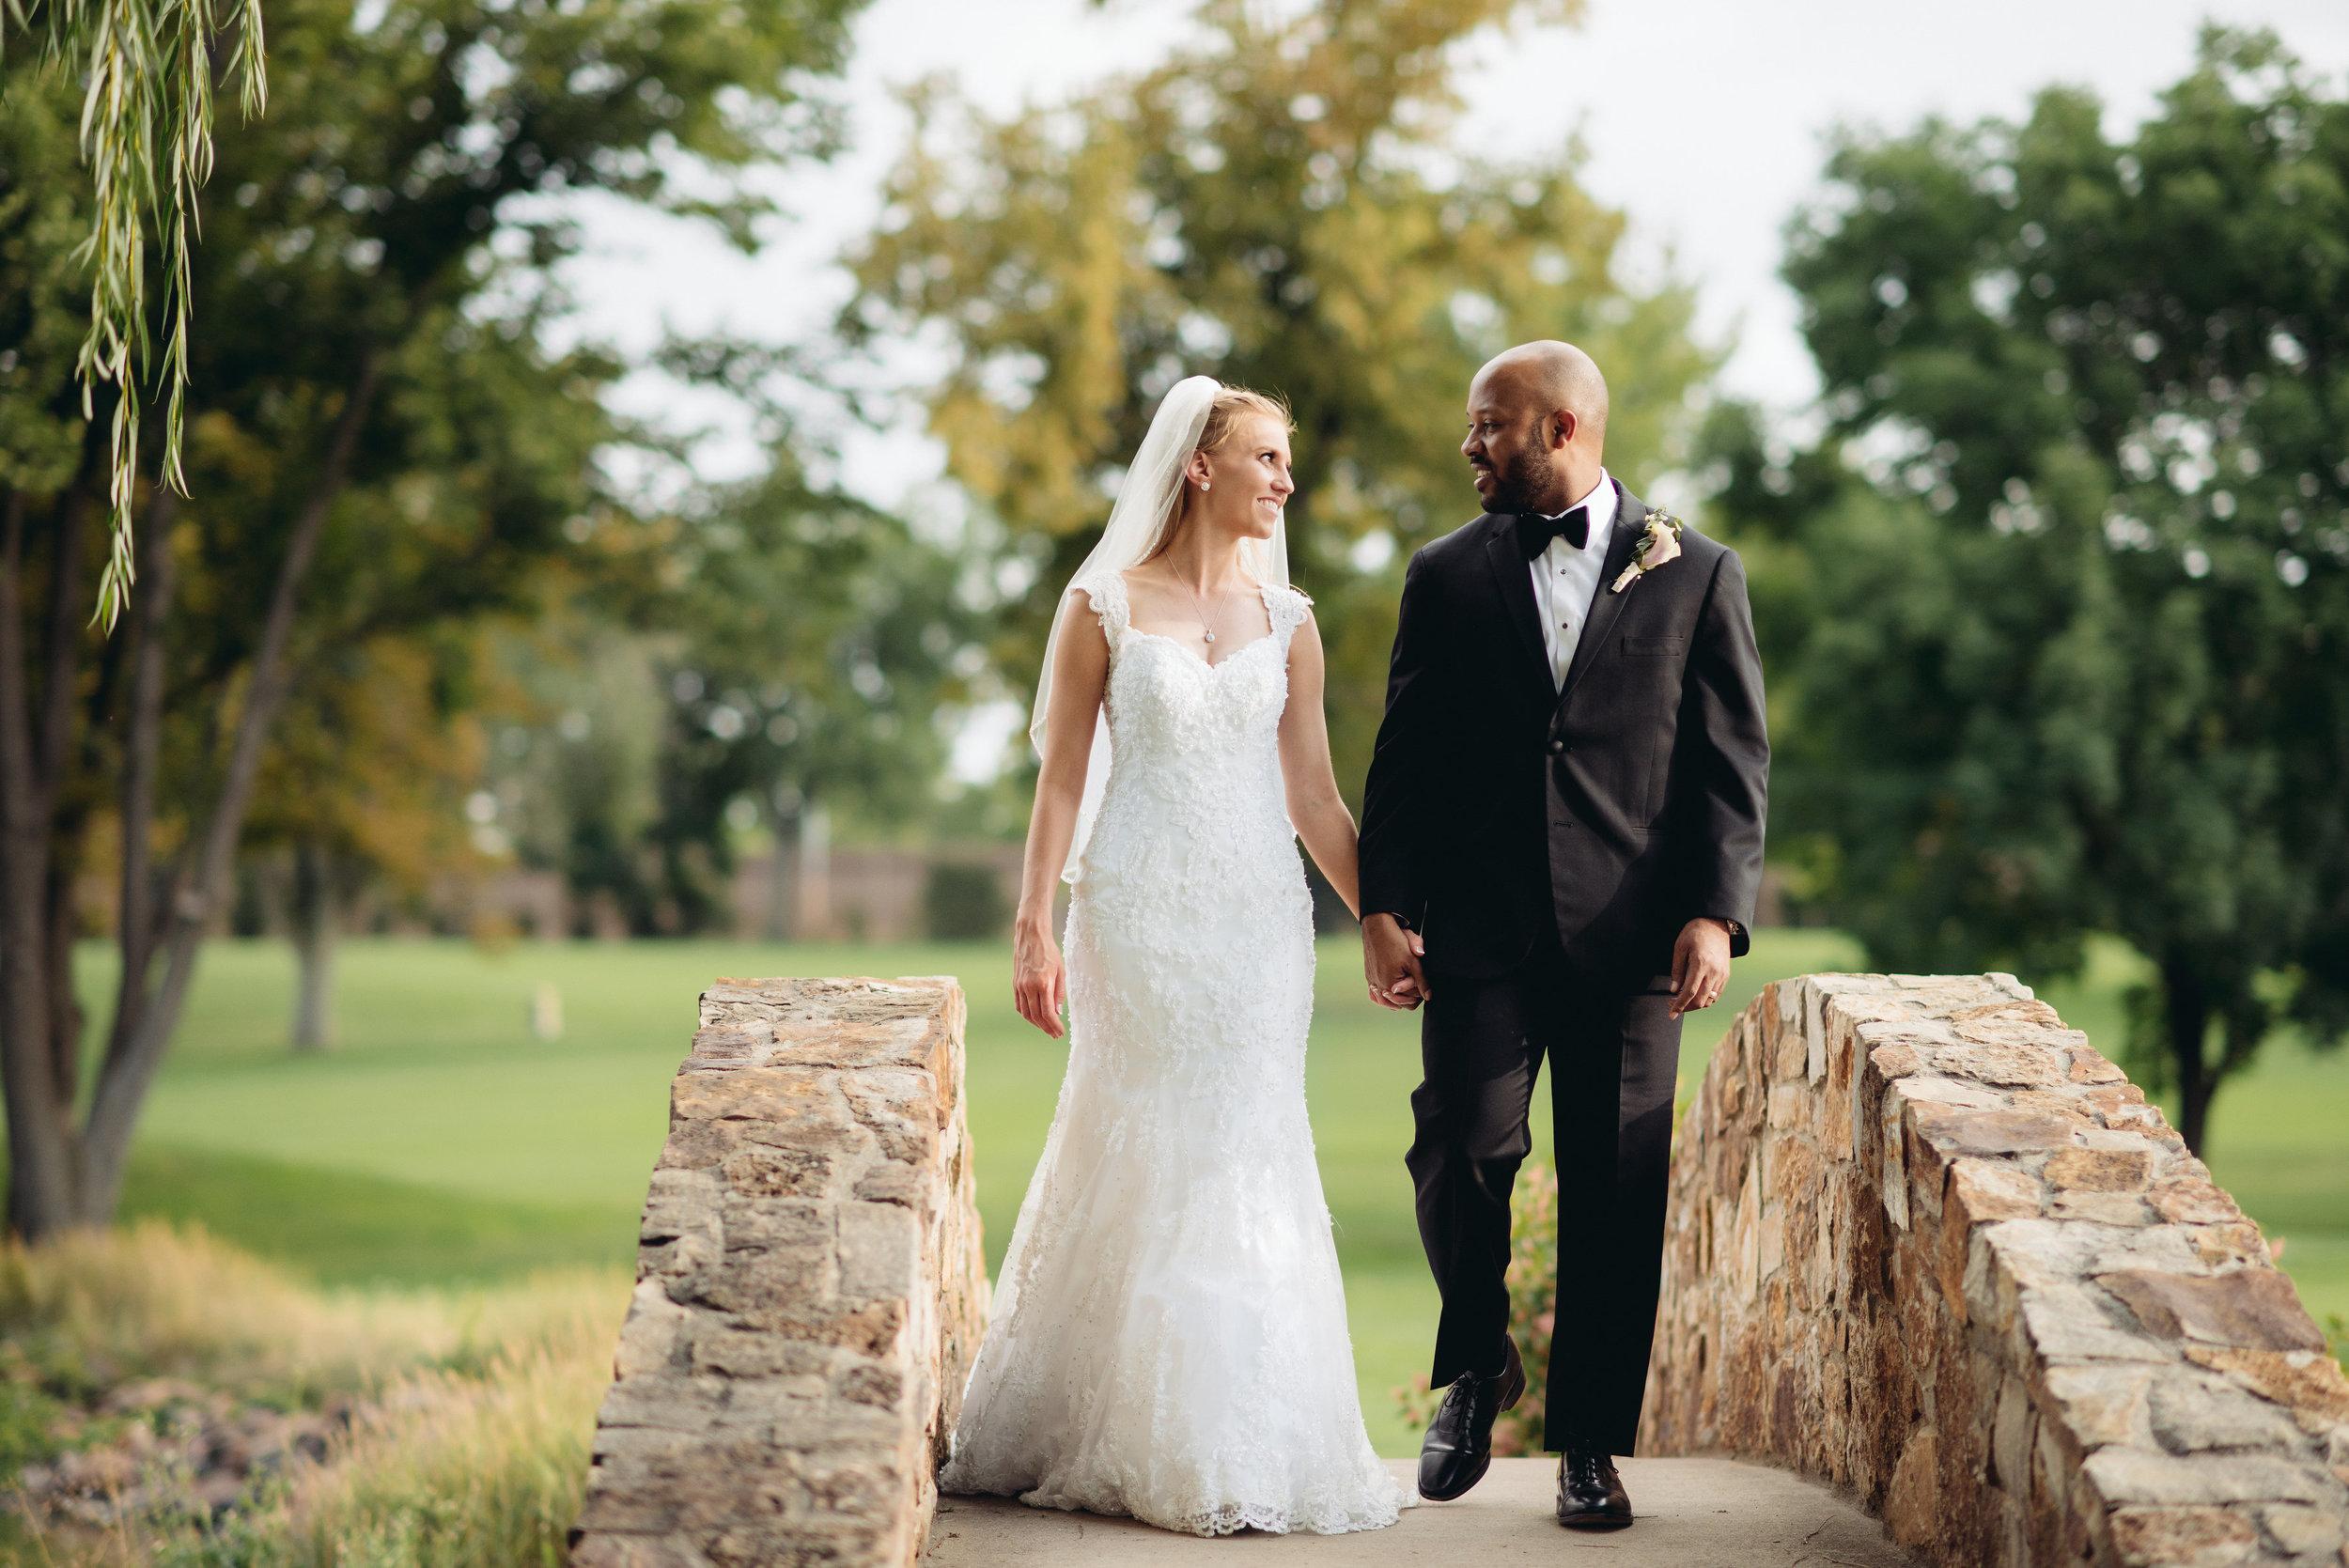 Vicki & Kevin | Wedding | Denver, CO